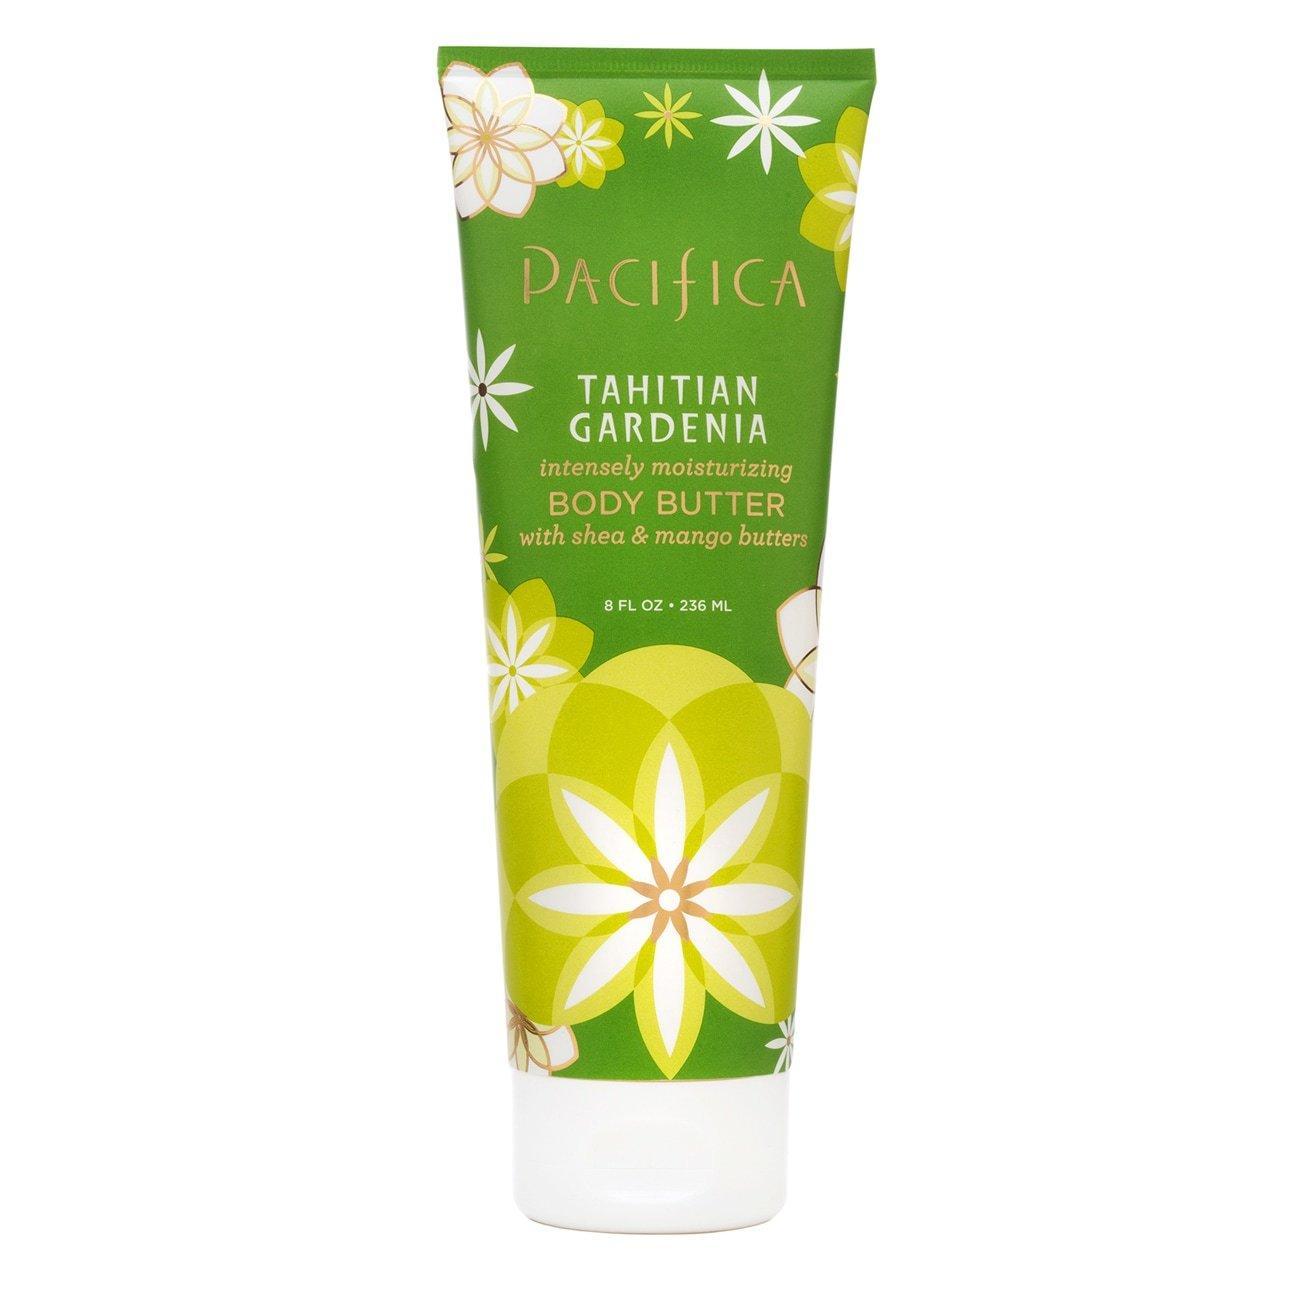 Pacifica Tahitian Gardenia Body Butter